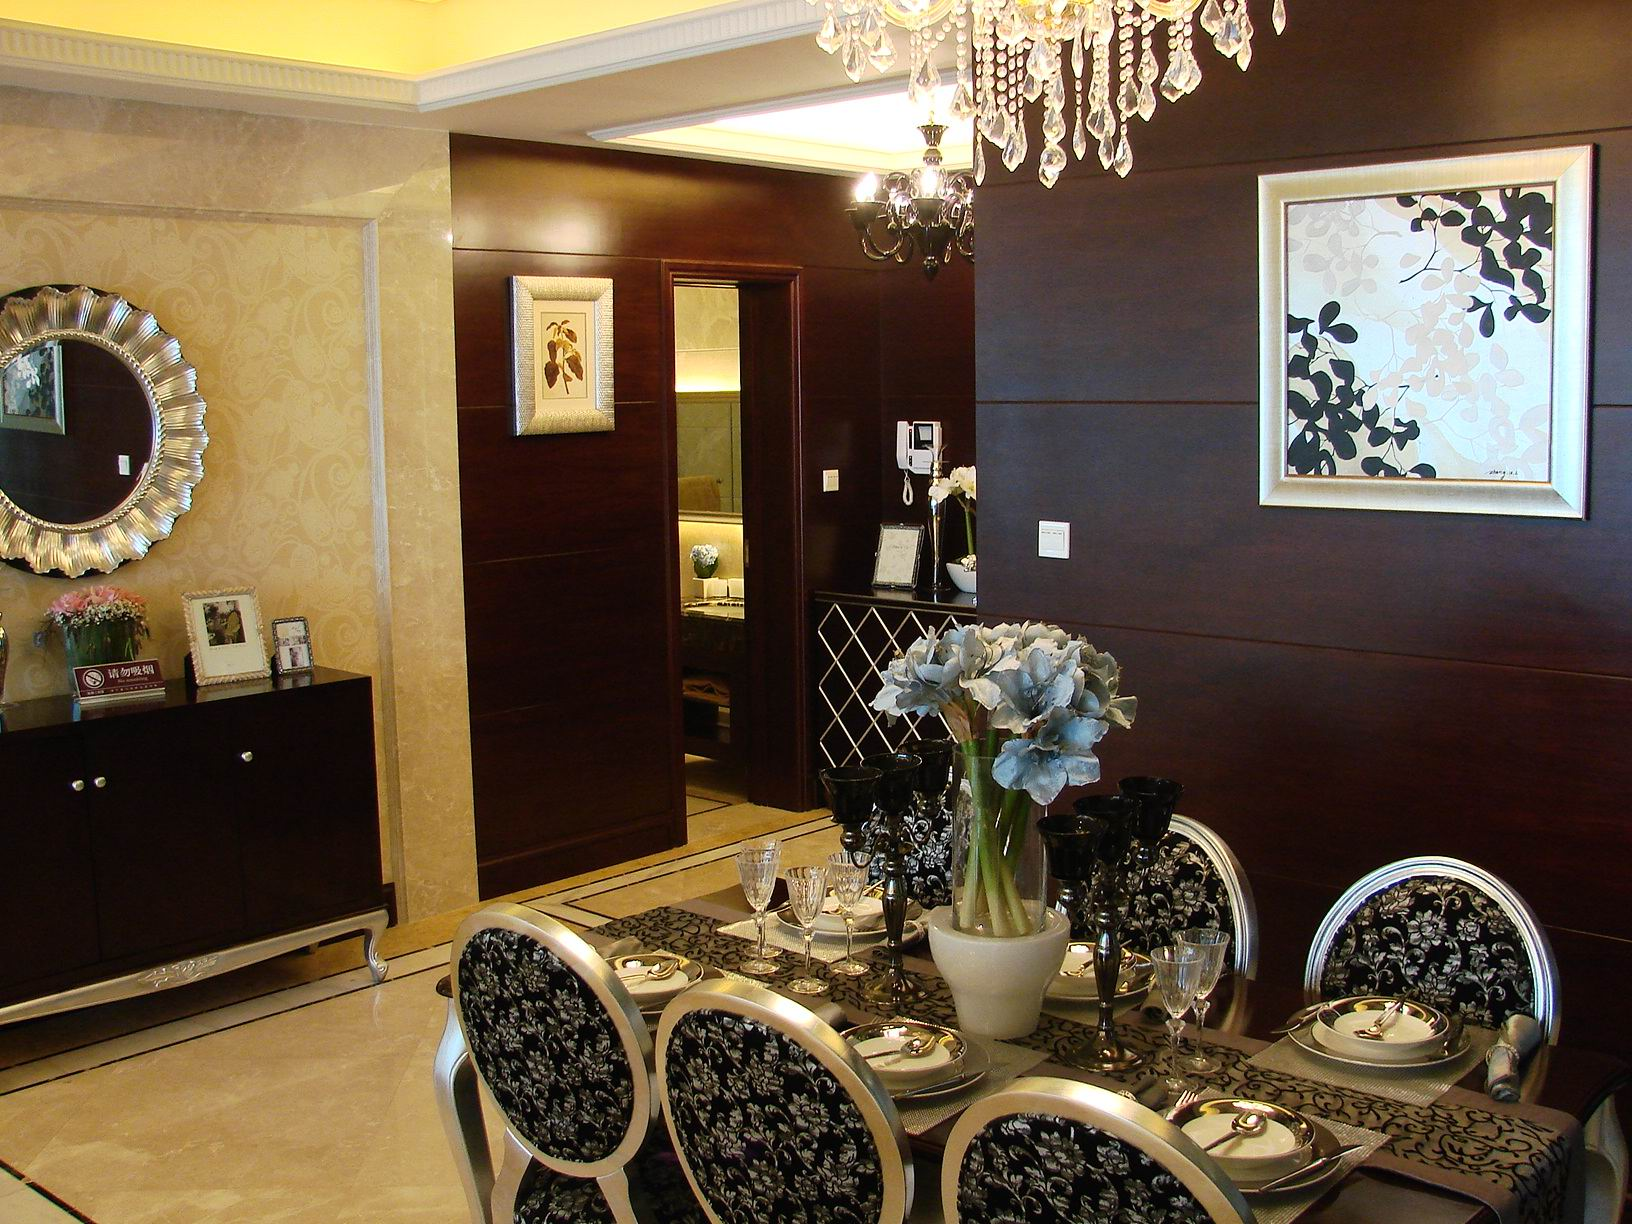 欧式 四室两厅 四居 欧式样板间 餐厅图片来自超凡装饰季国华在典雅大气欧式风格样板间的分享